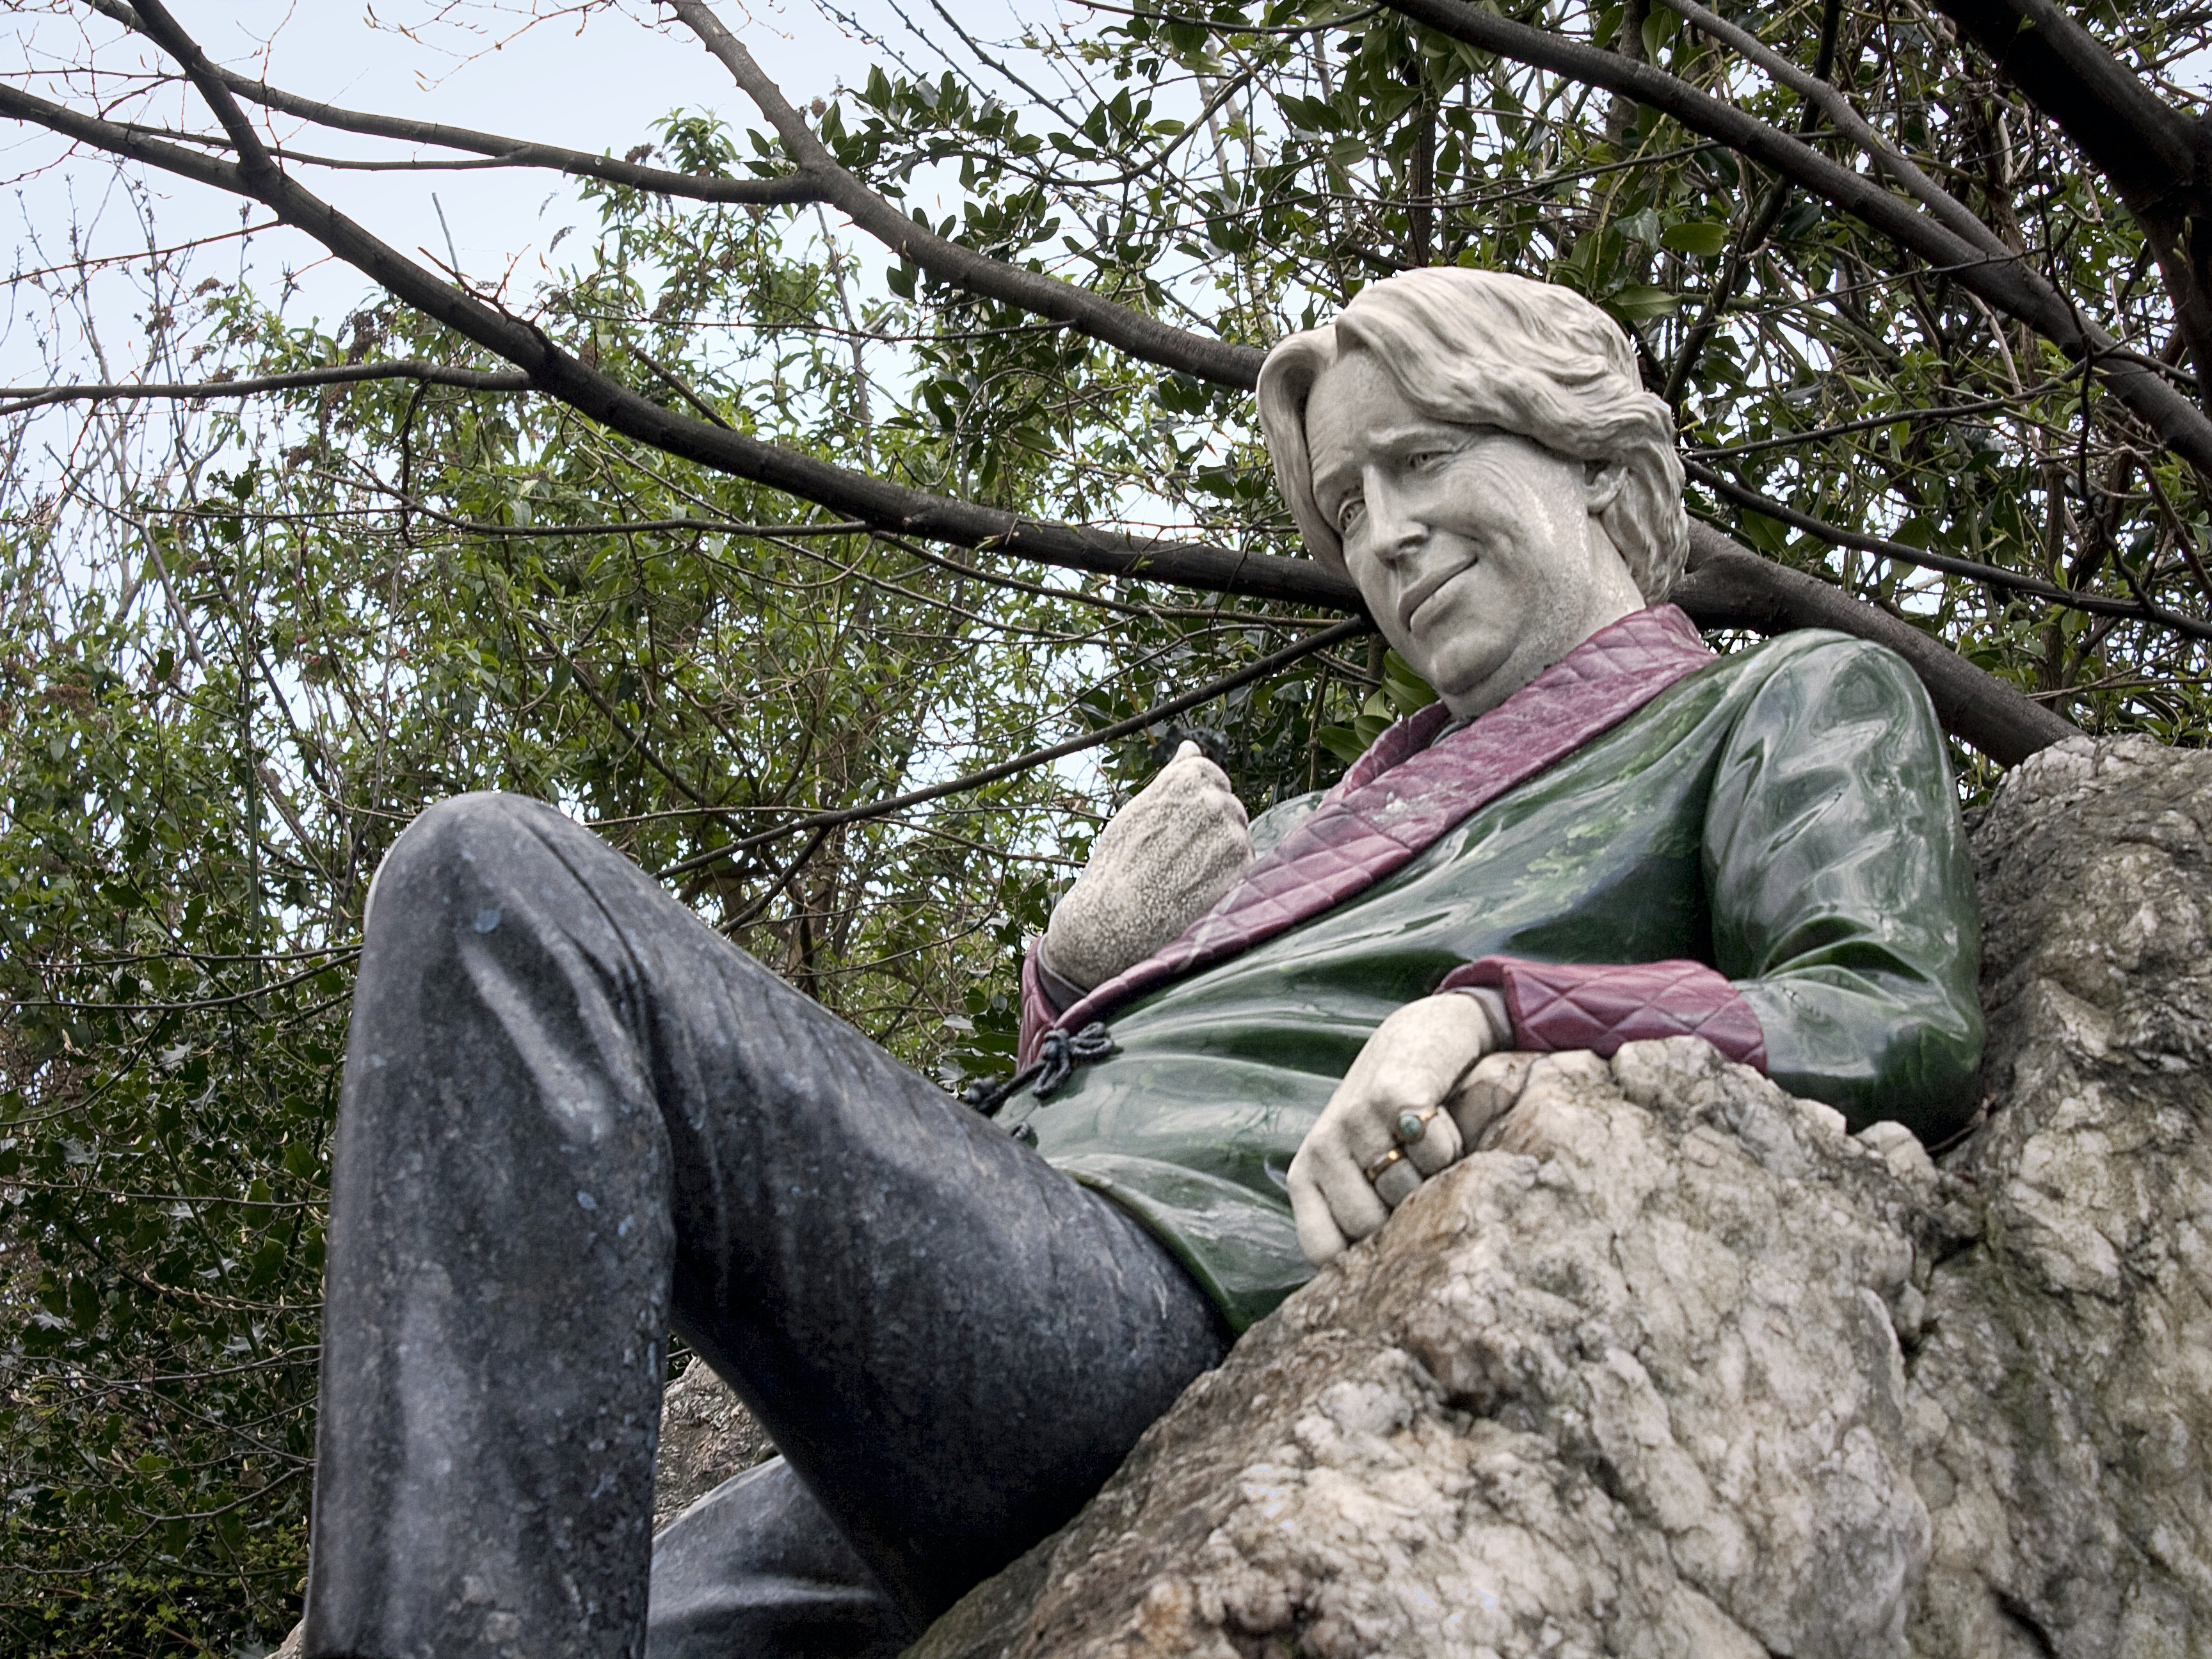 Oscar Wilde photo #105544, Oscar Wilde image